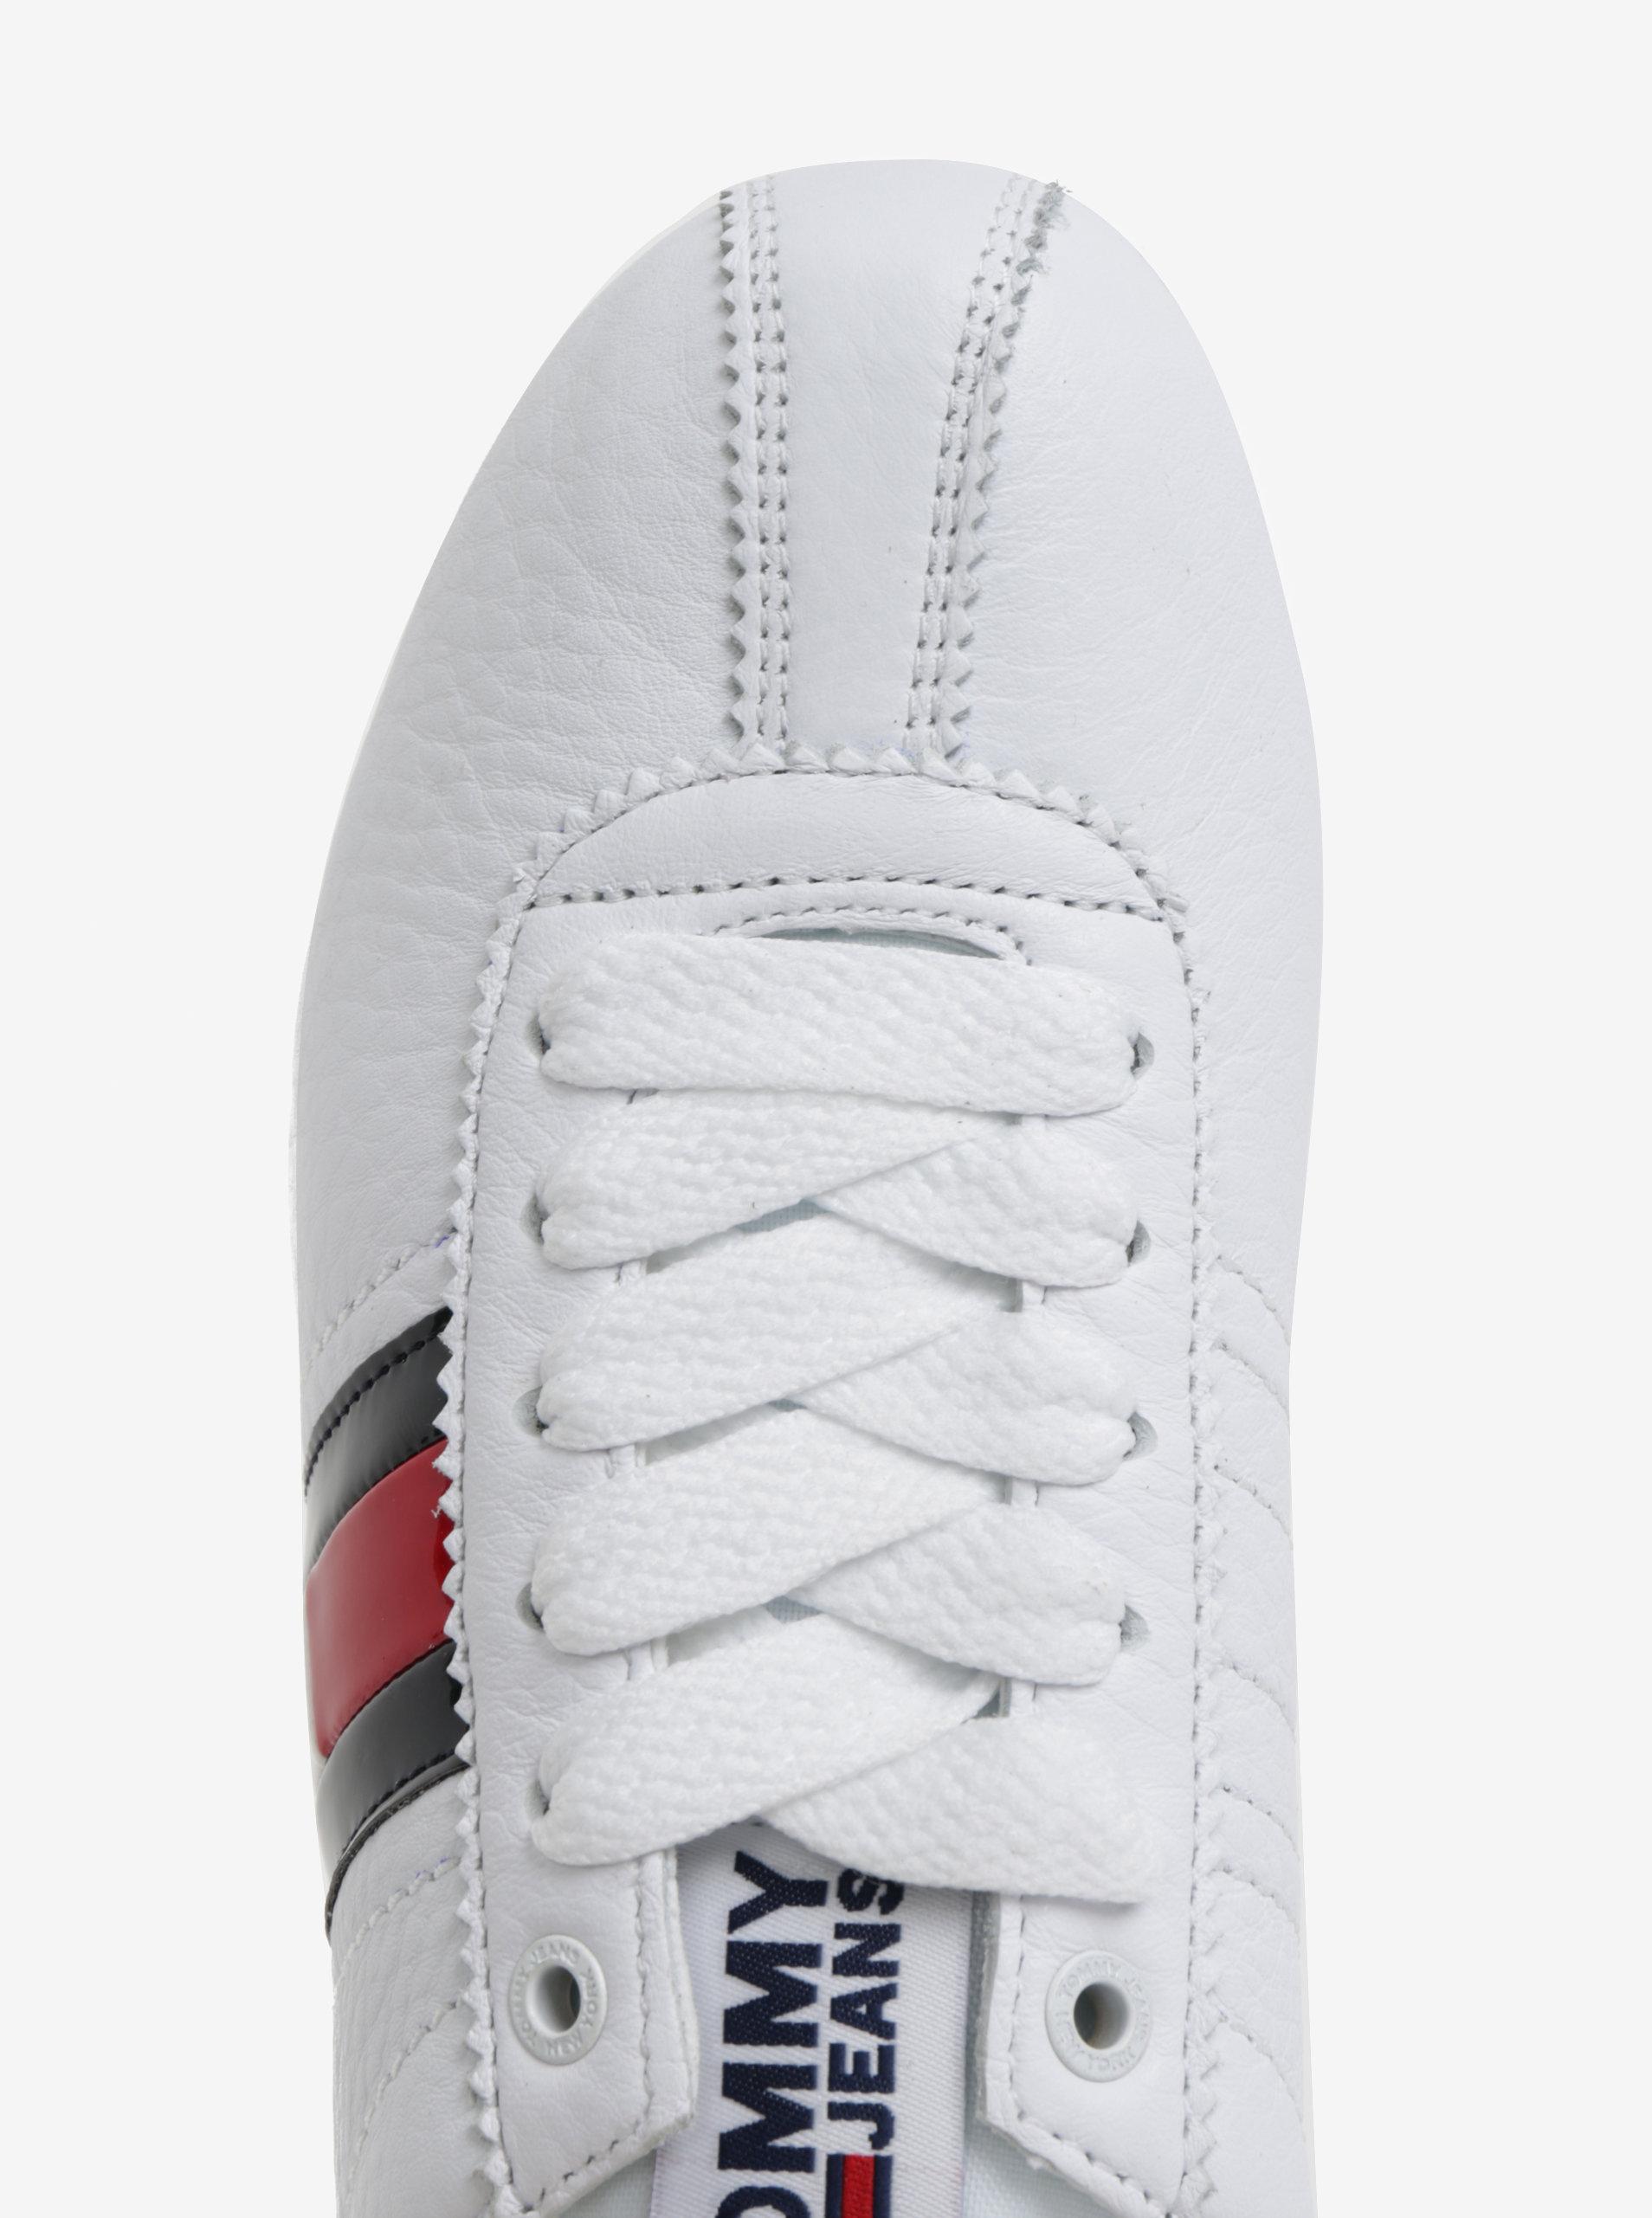 4a61ce2a7480d Biele dámske kožené tenisky Tommy Hilfiger | ZOOT.sk